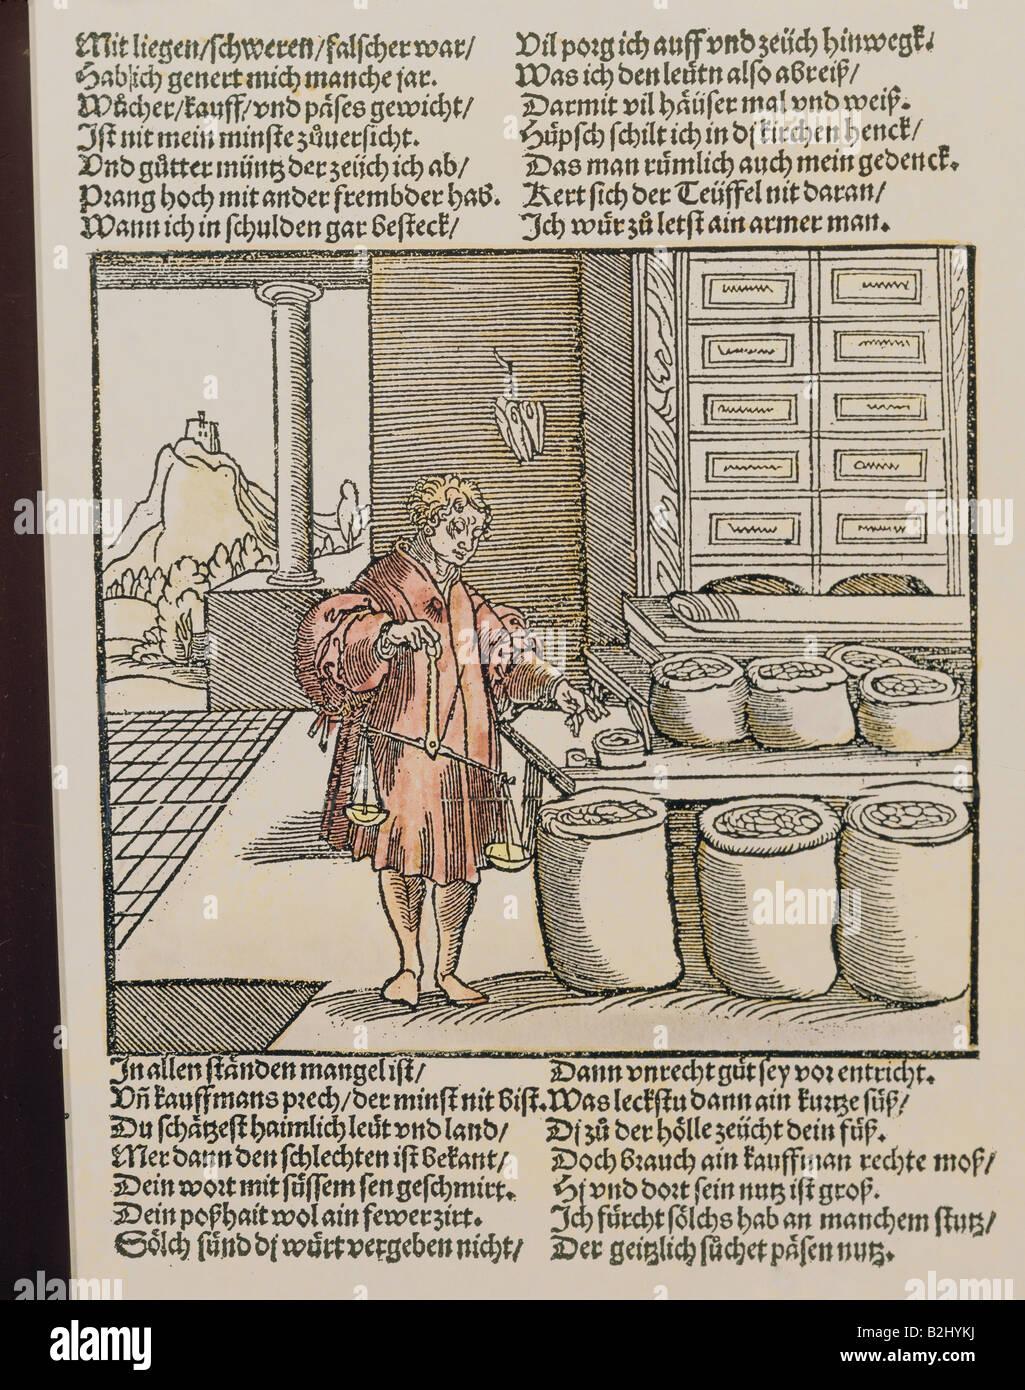 El comercio, los comerciantes, 'Der betruegerische Kaufmann' (el comerciante falaz) de 'Der Teutsch Imagen De Stock